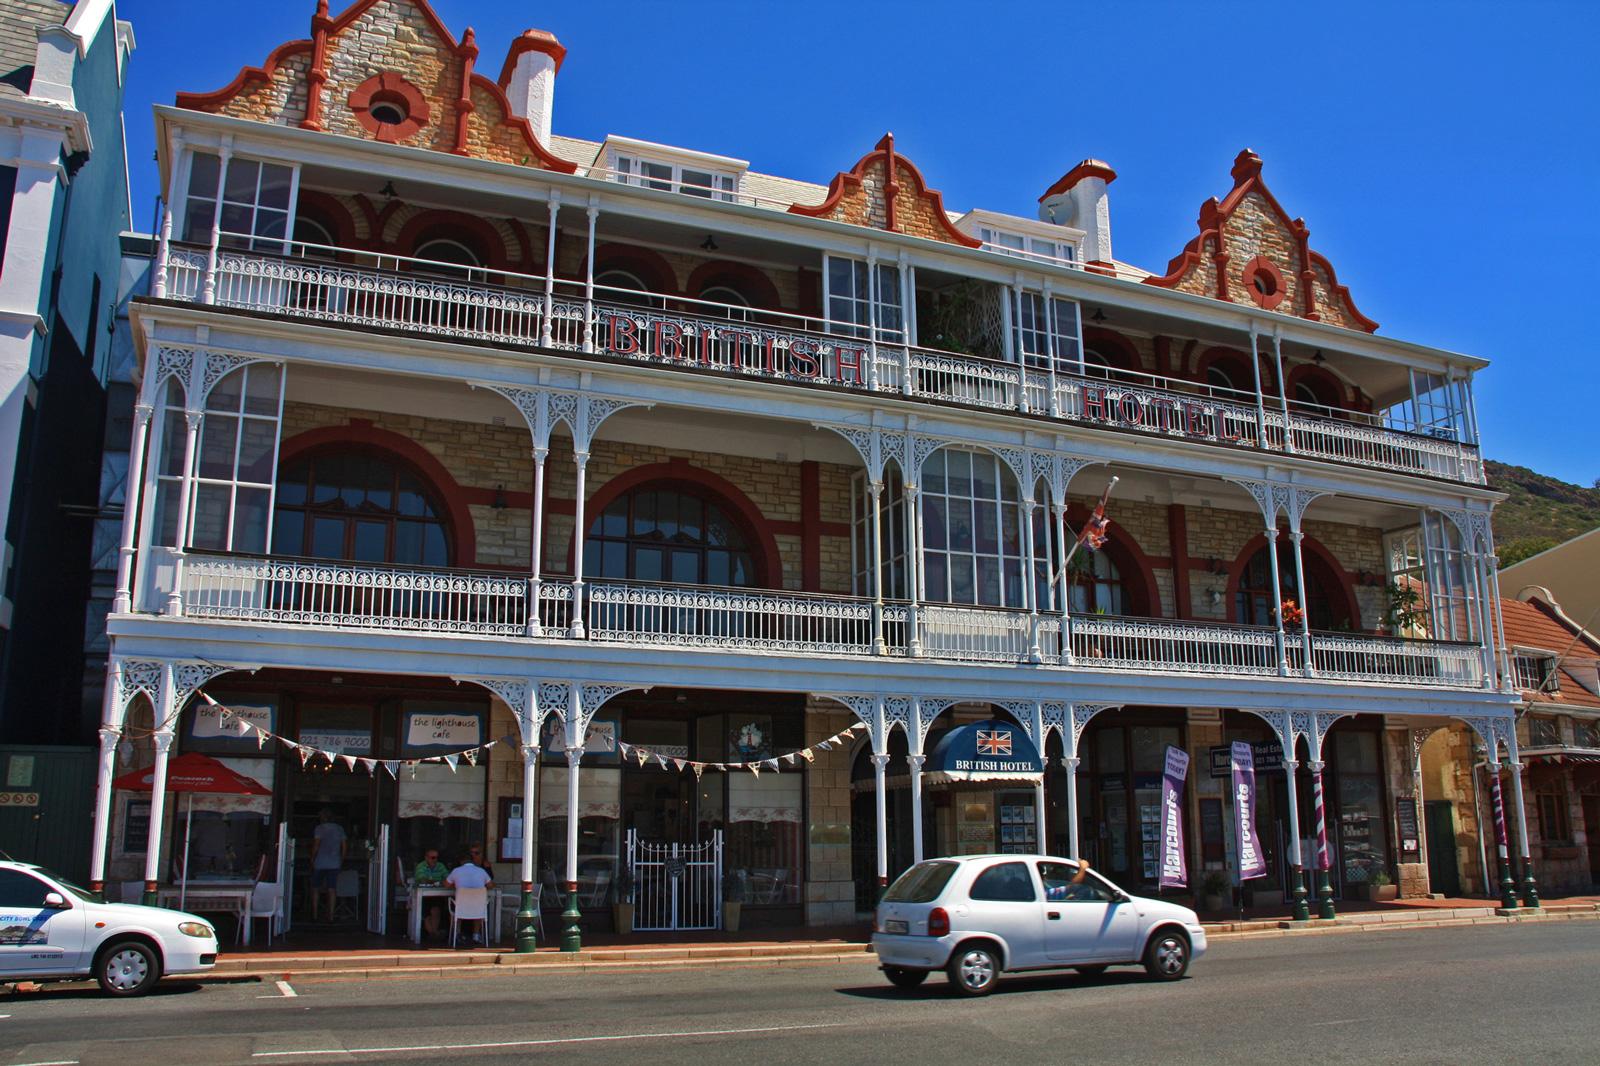 simon's town south africa architektur